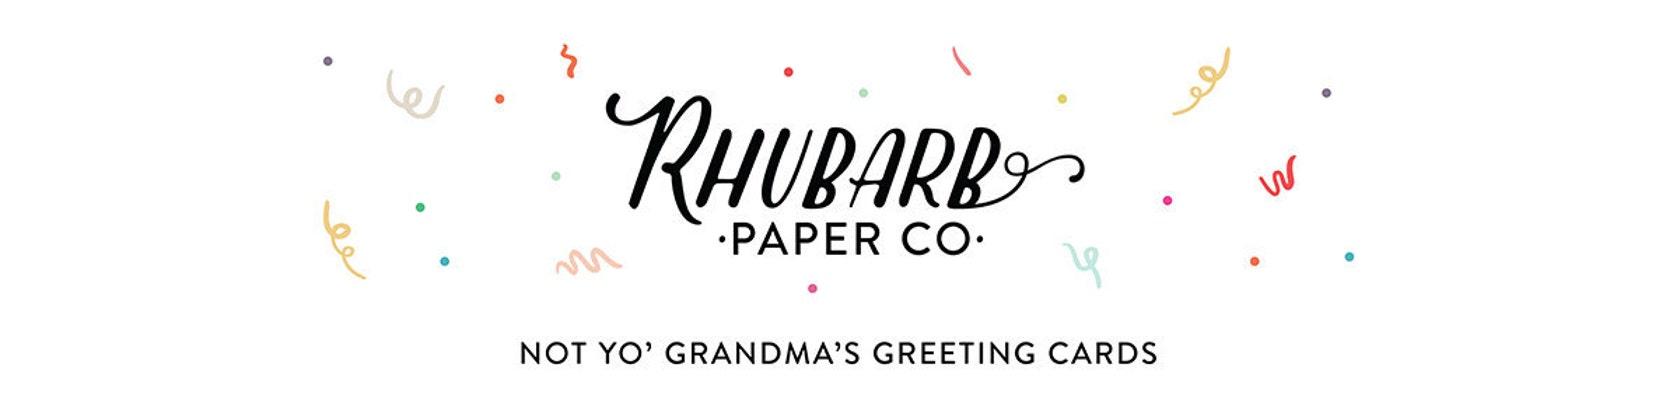 Not yo\' Grandma\'s greeting cards von rhubarbpaperco auf Etsy